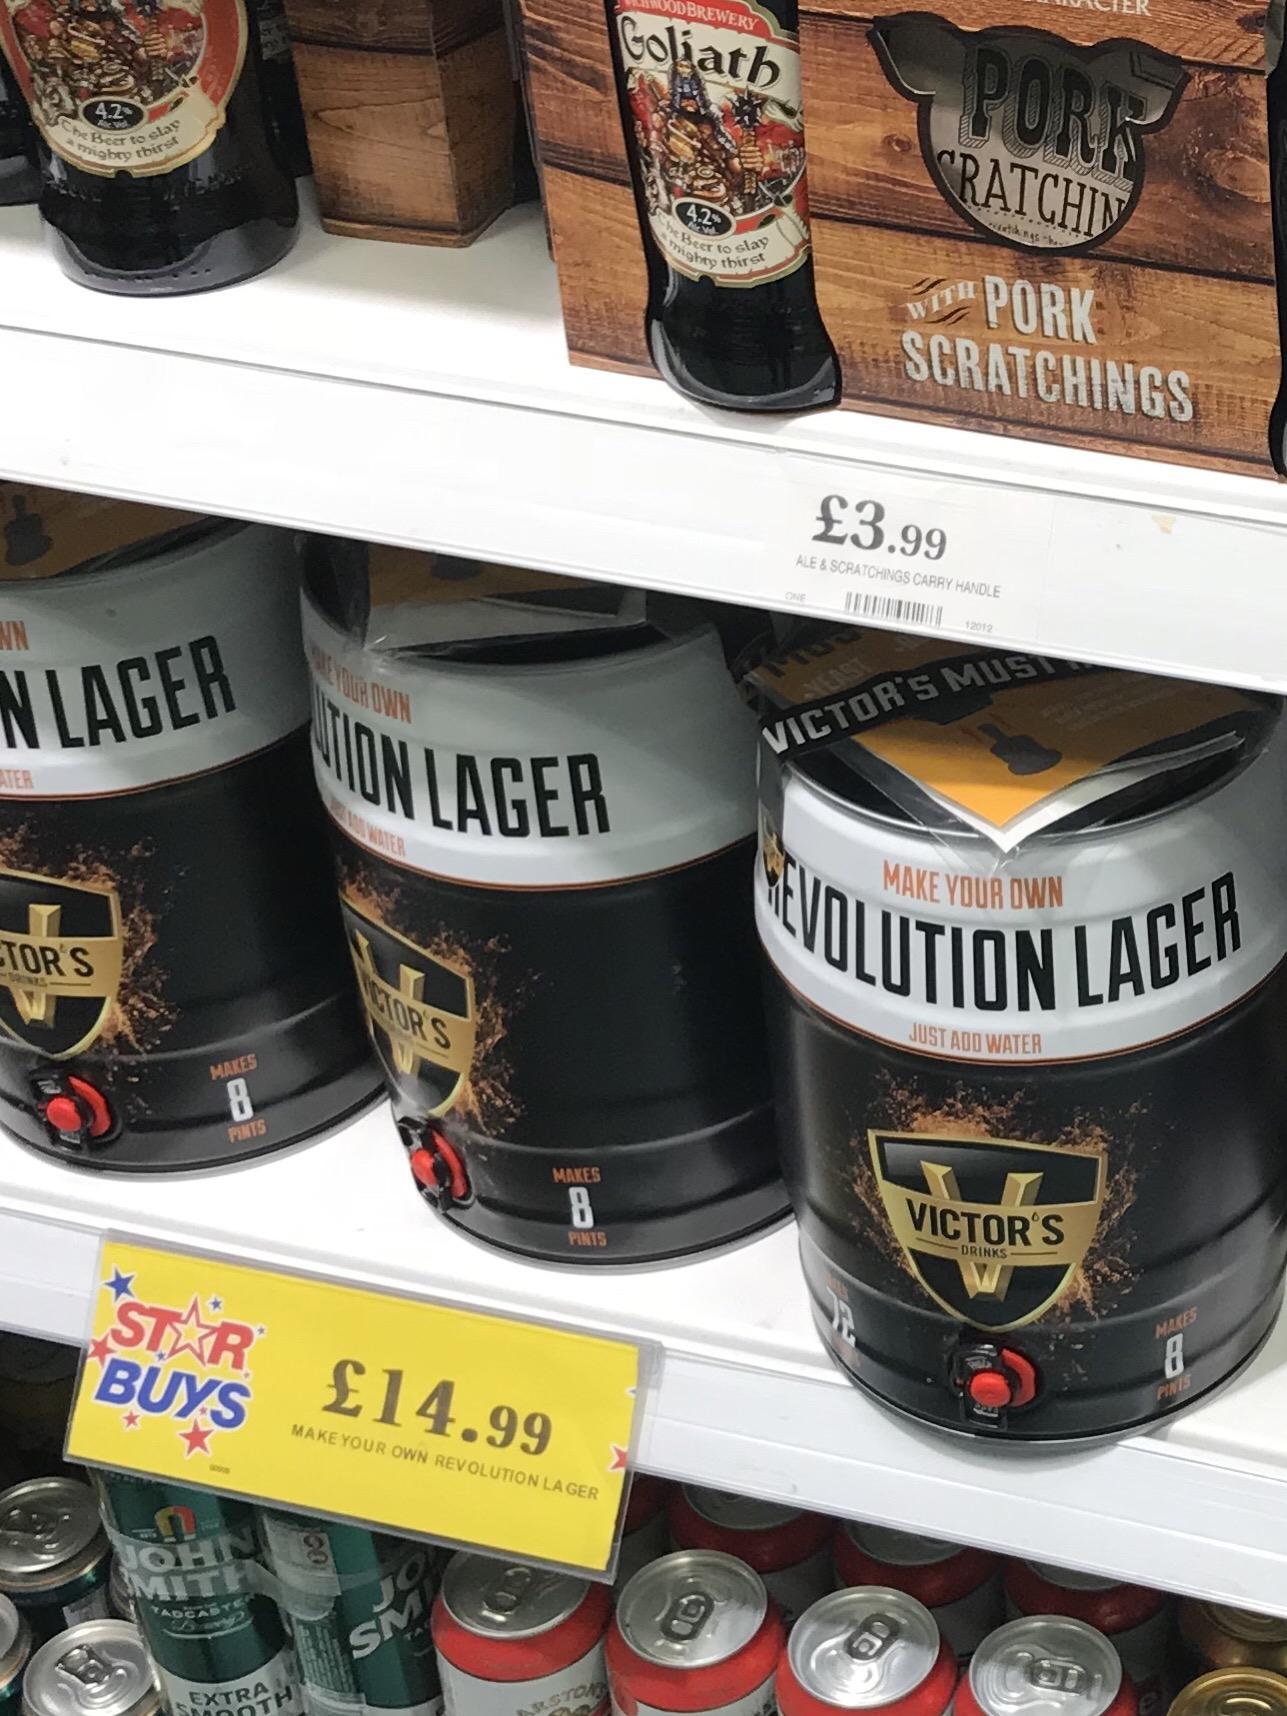 Make your own Revolution lager keg £14.99 @ Home bargains